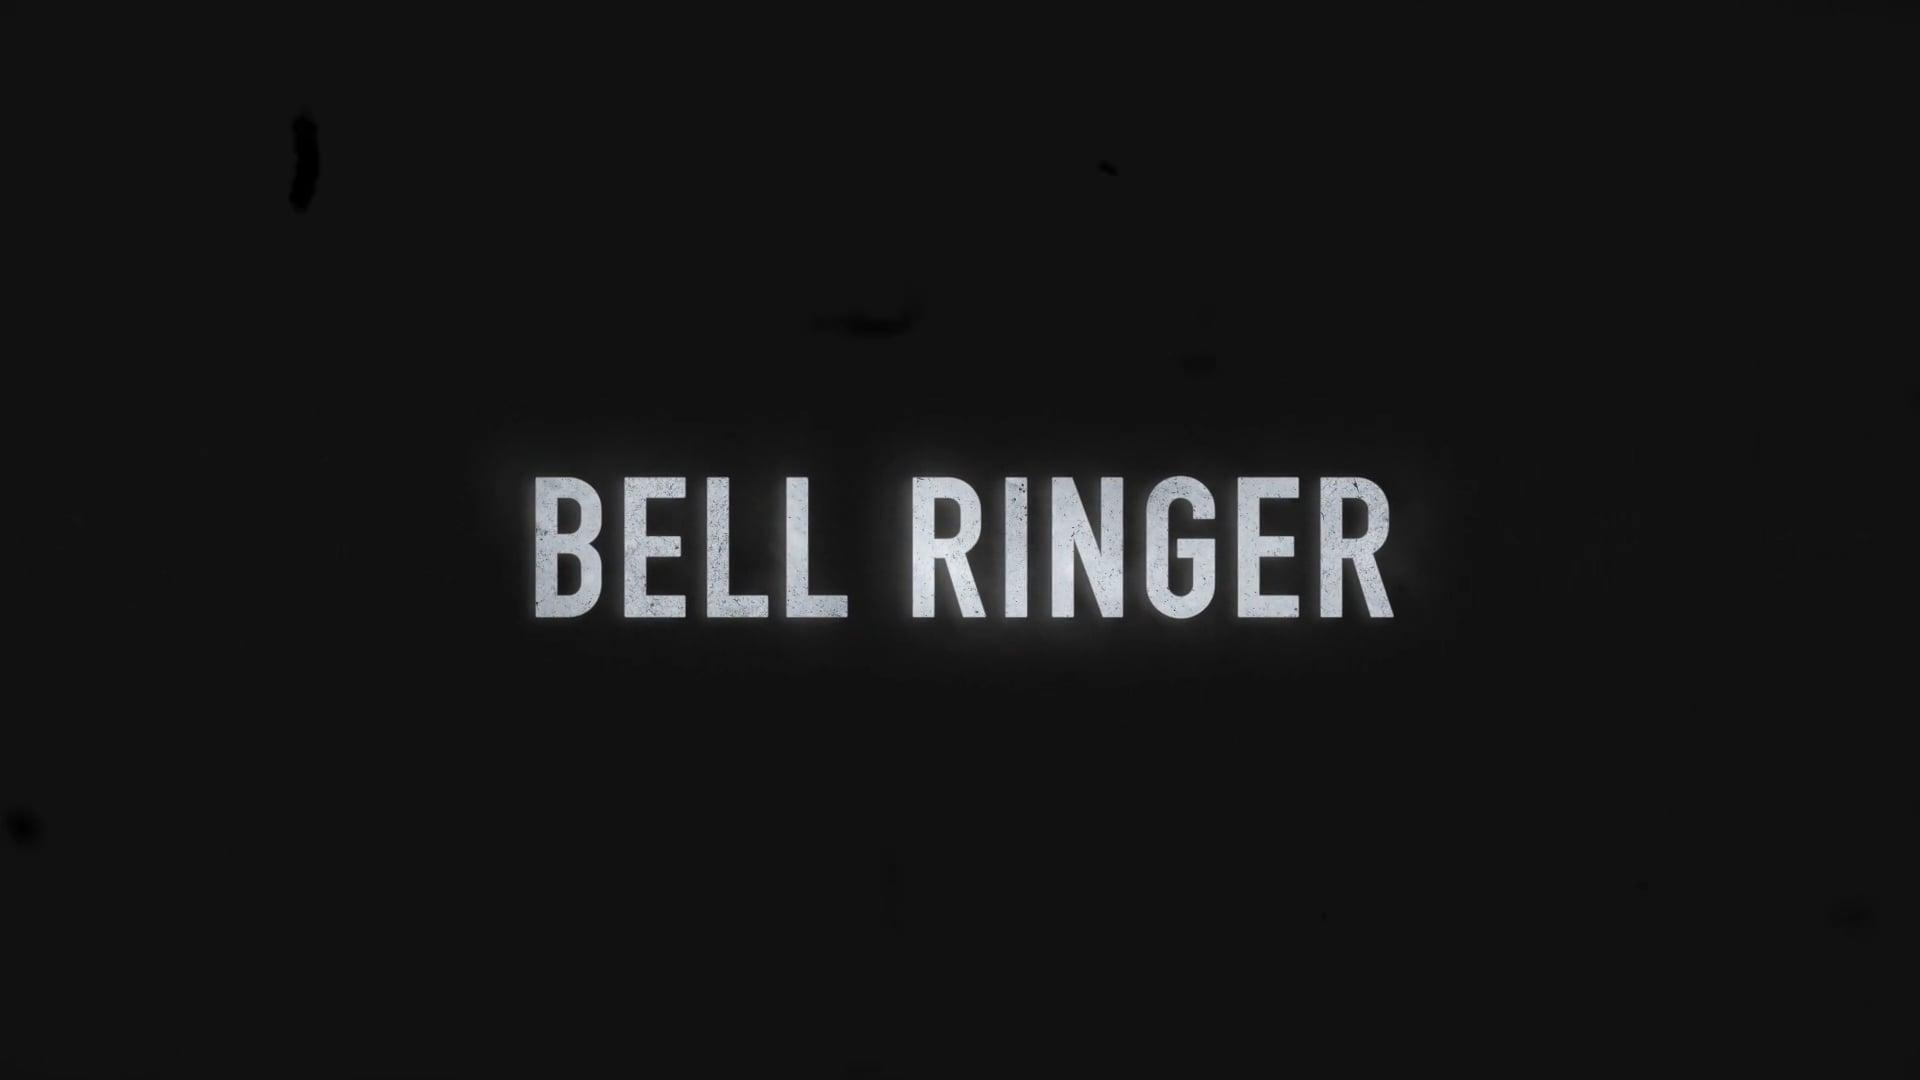 BELL RINGER: CLIP